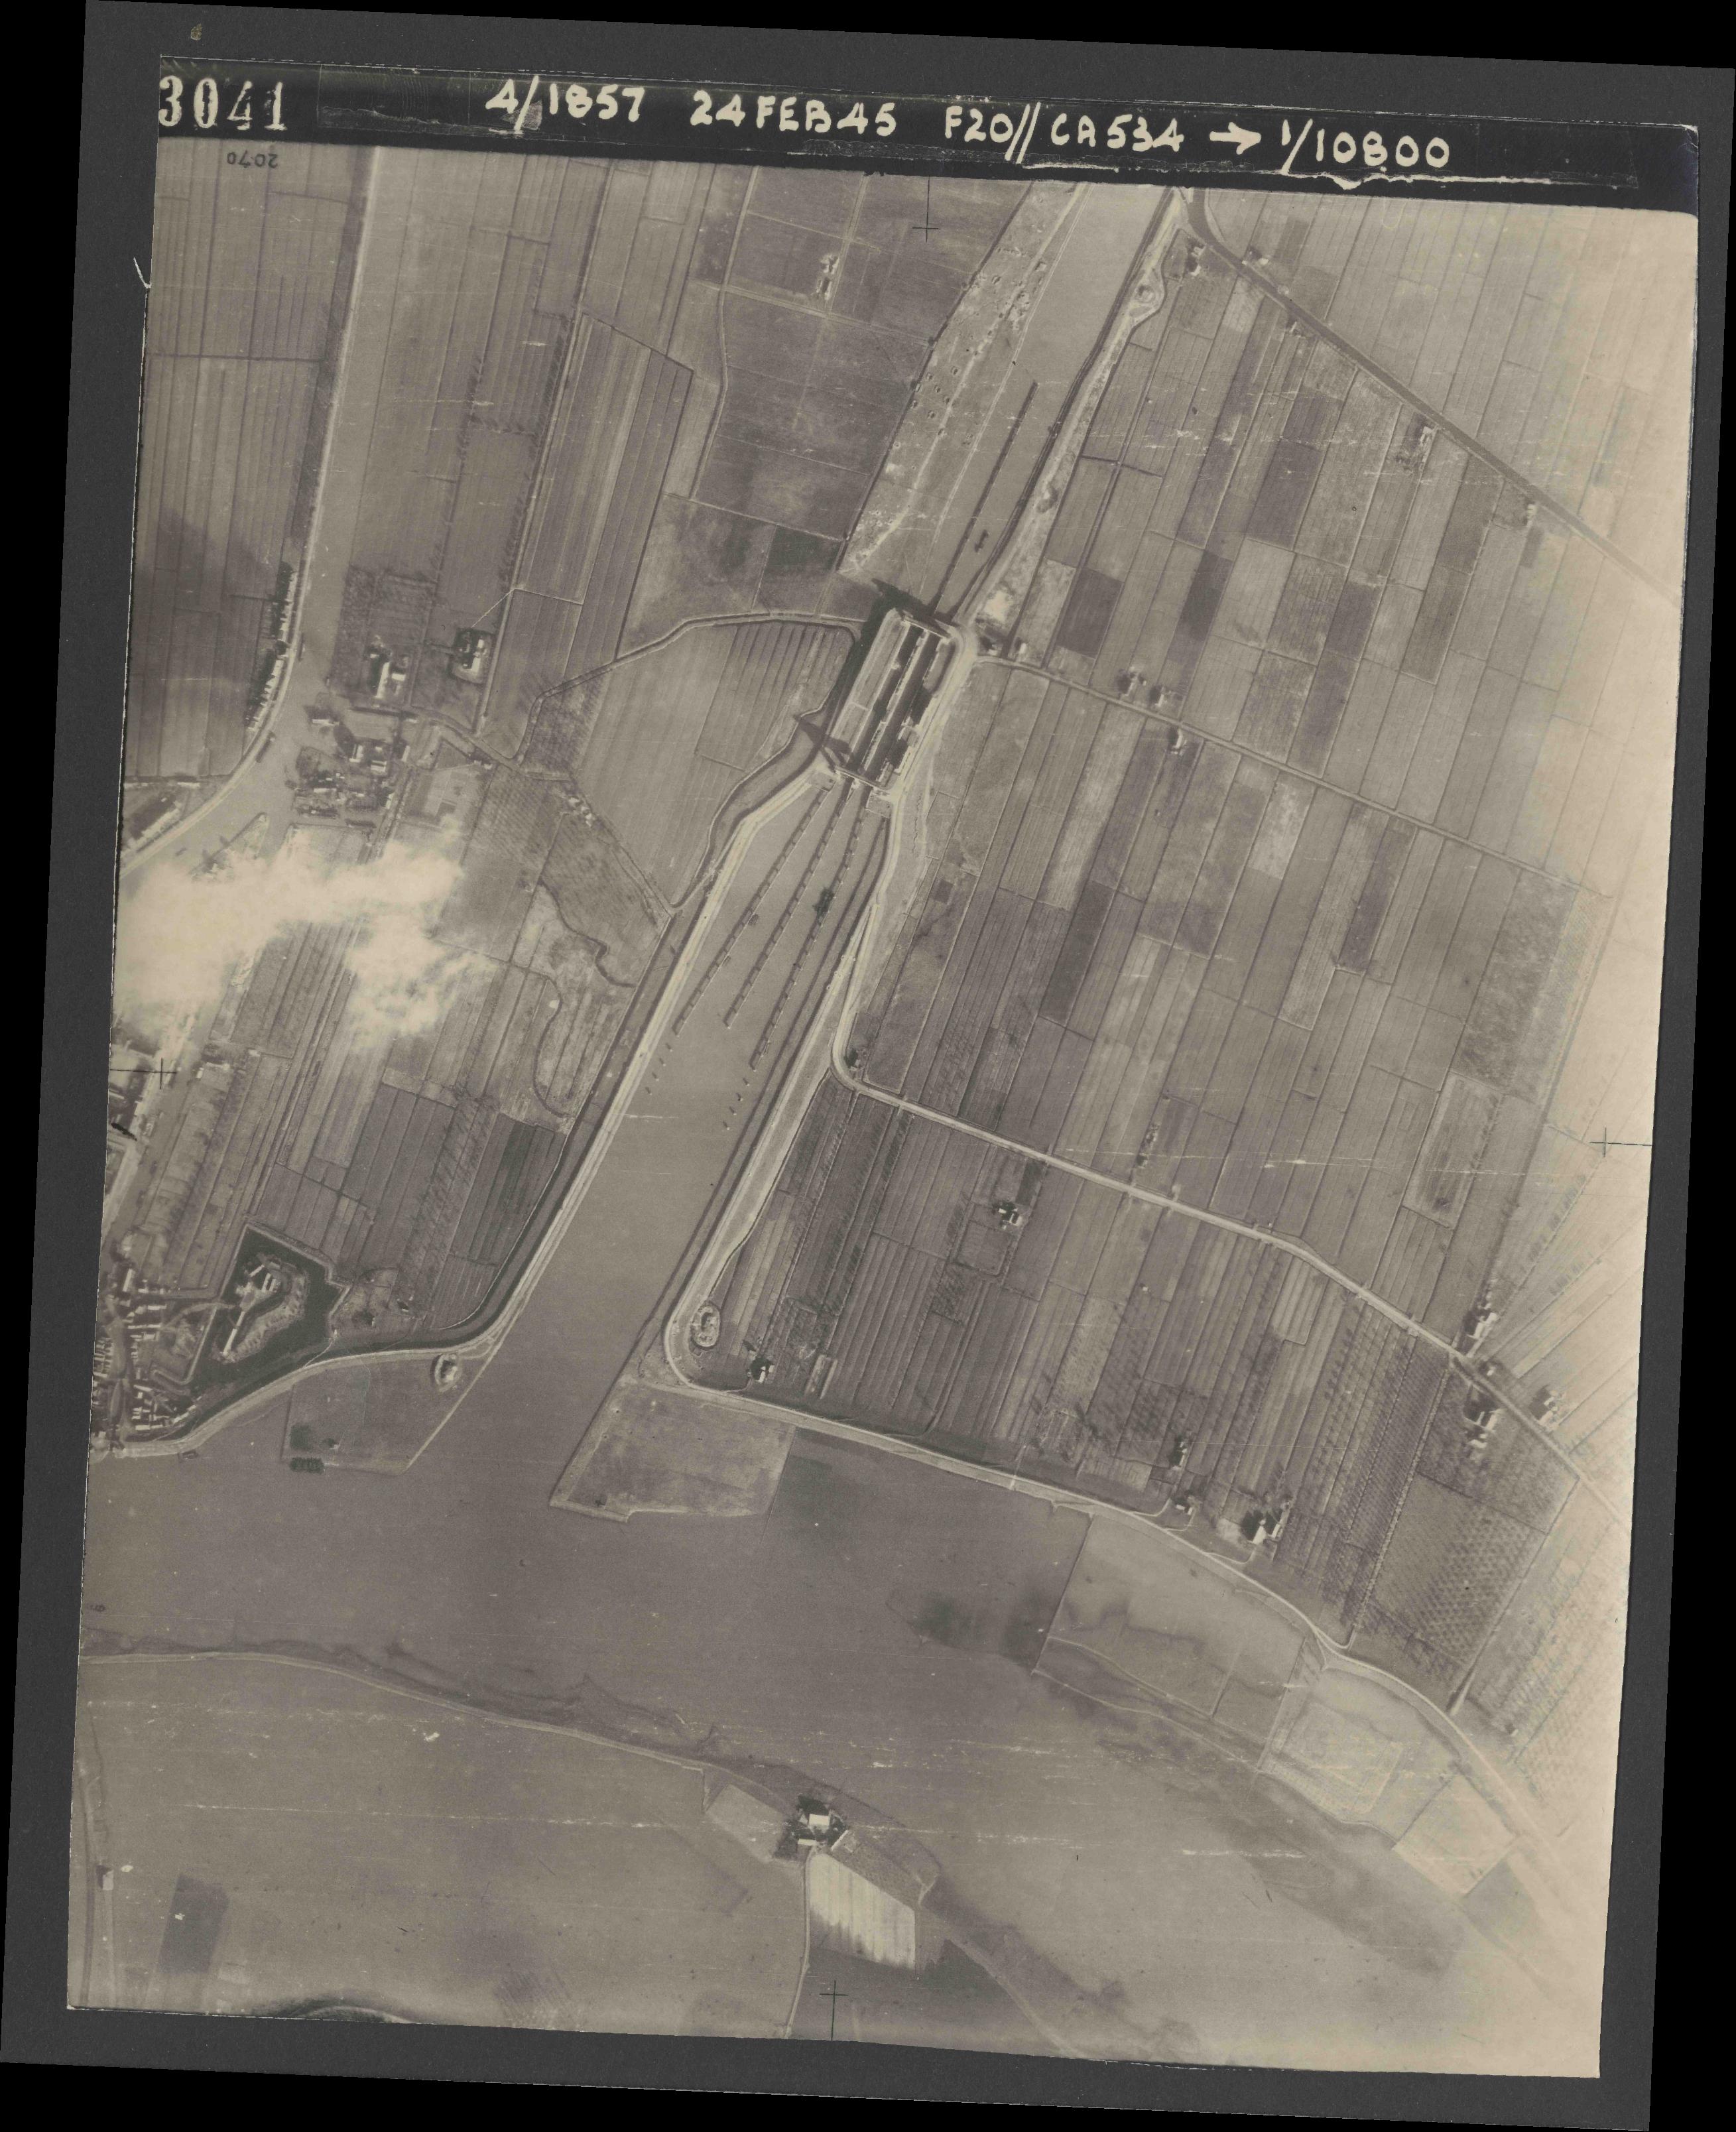 Collection RAF aerial photos 1940-1945 - flight 073, run 03, photo 3041